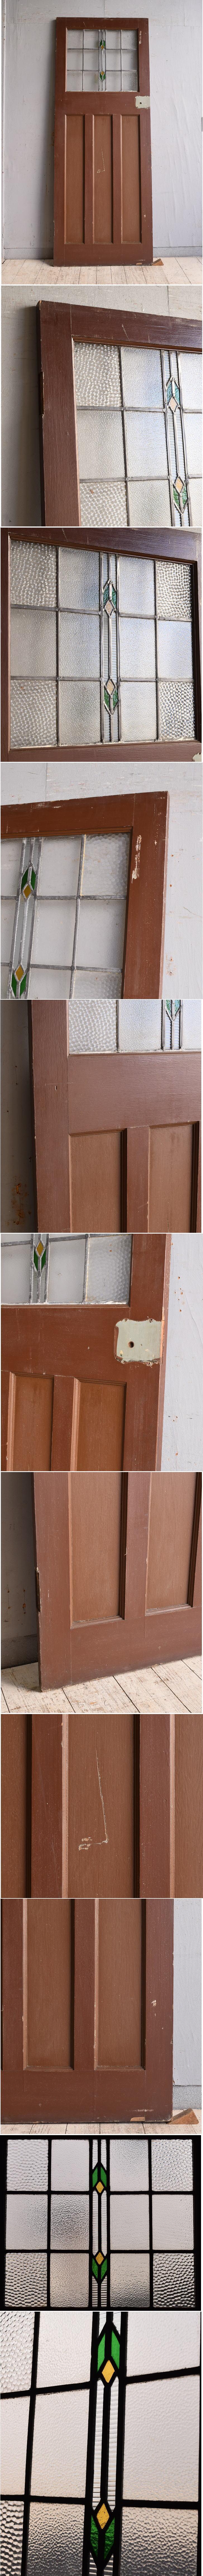 イギリス アンティーク ステンドグラス入り木製ドア 扉 建具 9782